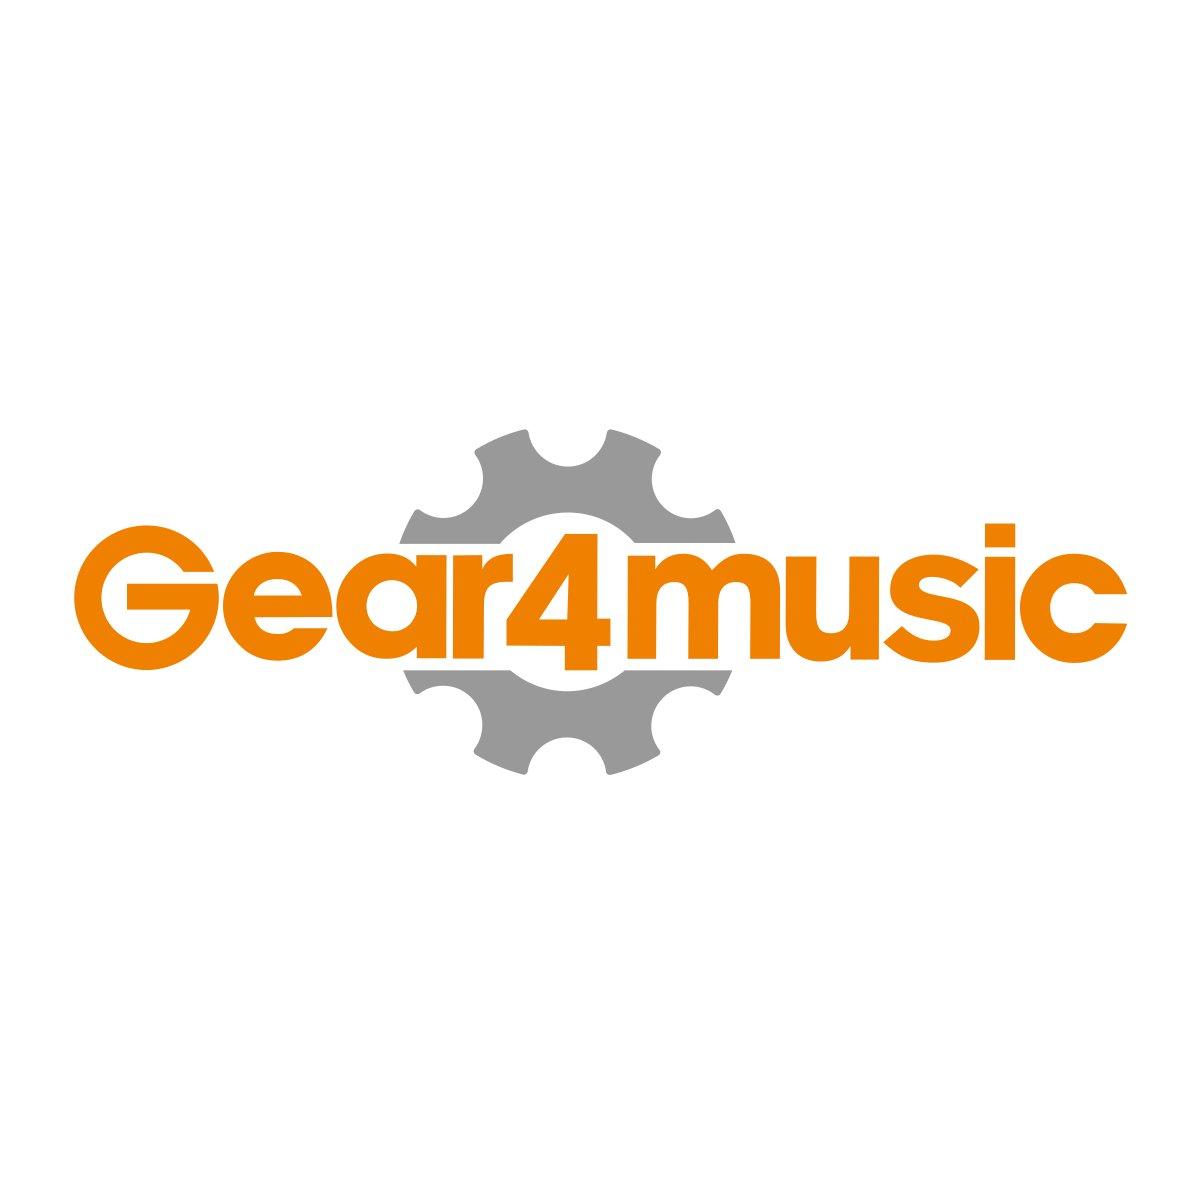 Elektrická kytara od Gear4music, černý Harlem 6